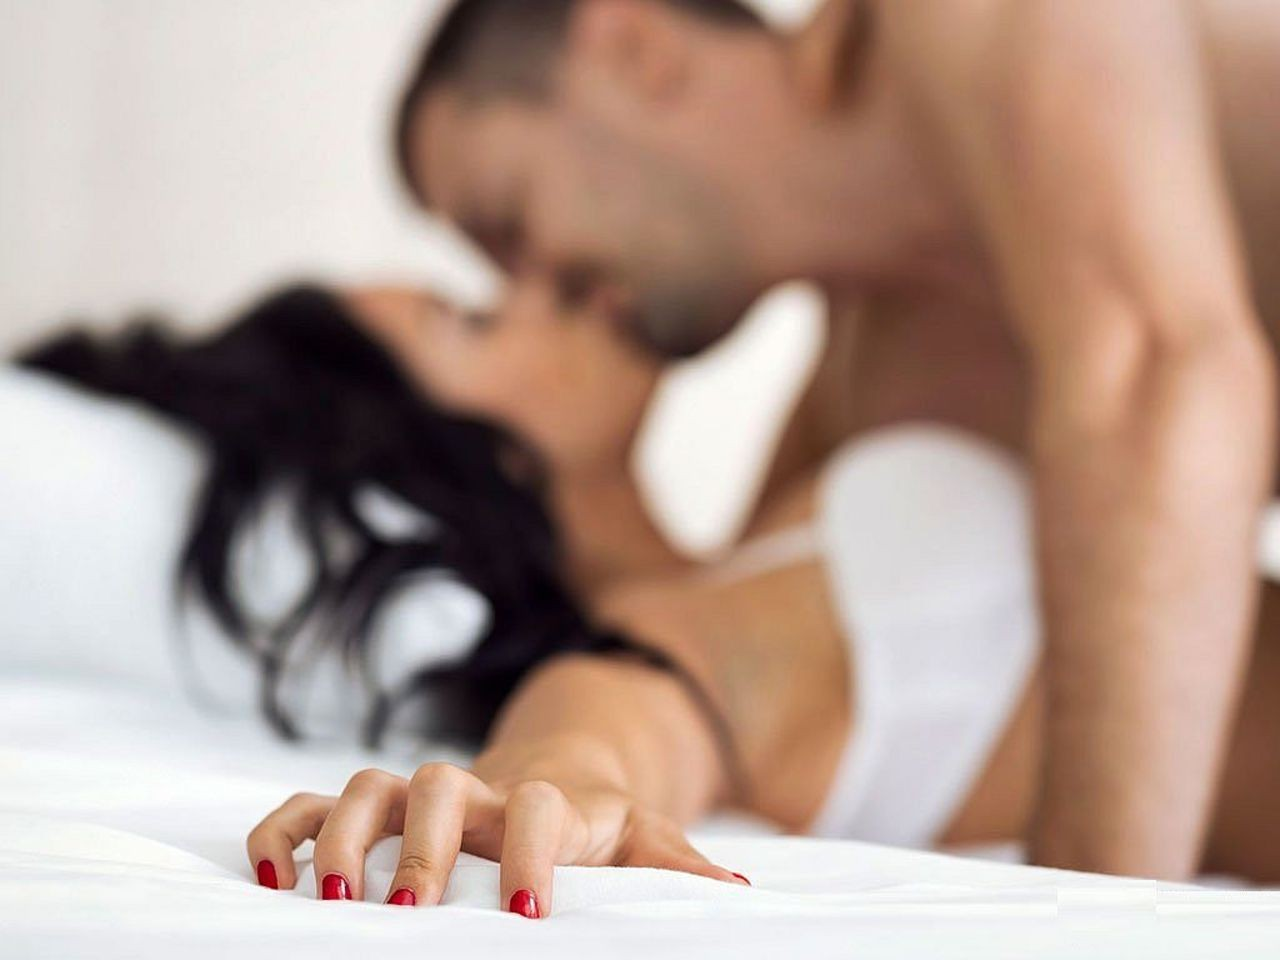 Ученые: Женщины теряют интерес к сексу со своим партнером за год